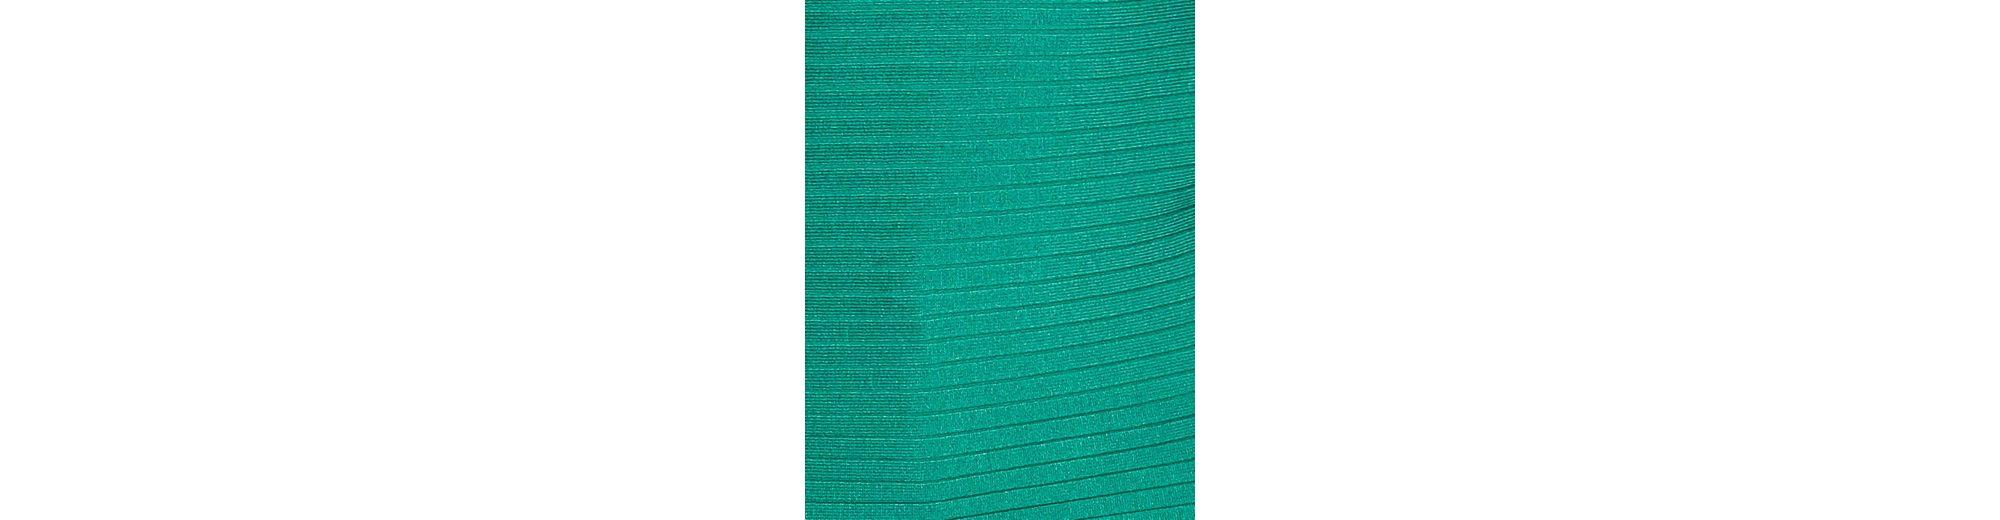 Rabatt Neue Stile  Verkaufsschlager ASHLEY BROOKE by Heine Pullover mit Carmenausschnitt Ausverkauf Bestseller xw8Di